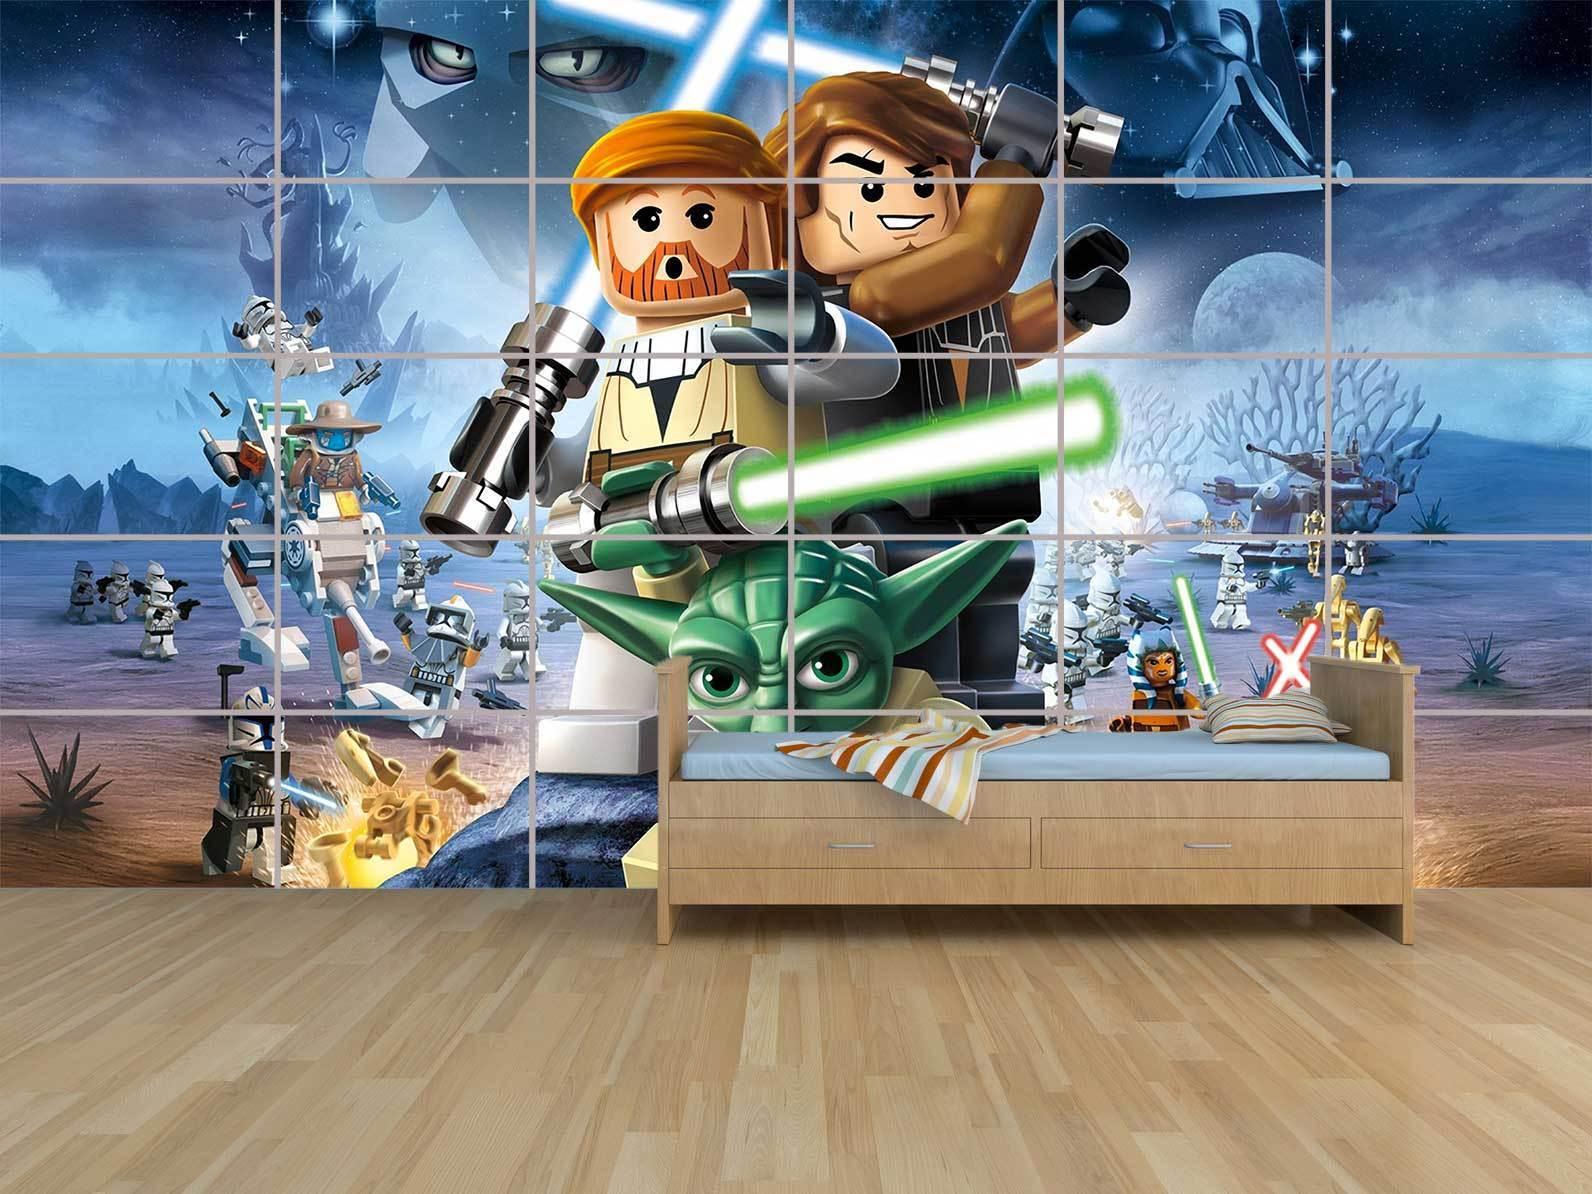 LEGO STAR WARS POSTER MASSIVE HUGE ROOM KIDS SALLE DE JEUX ENFANTS